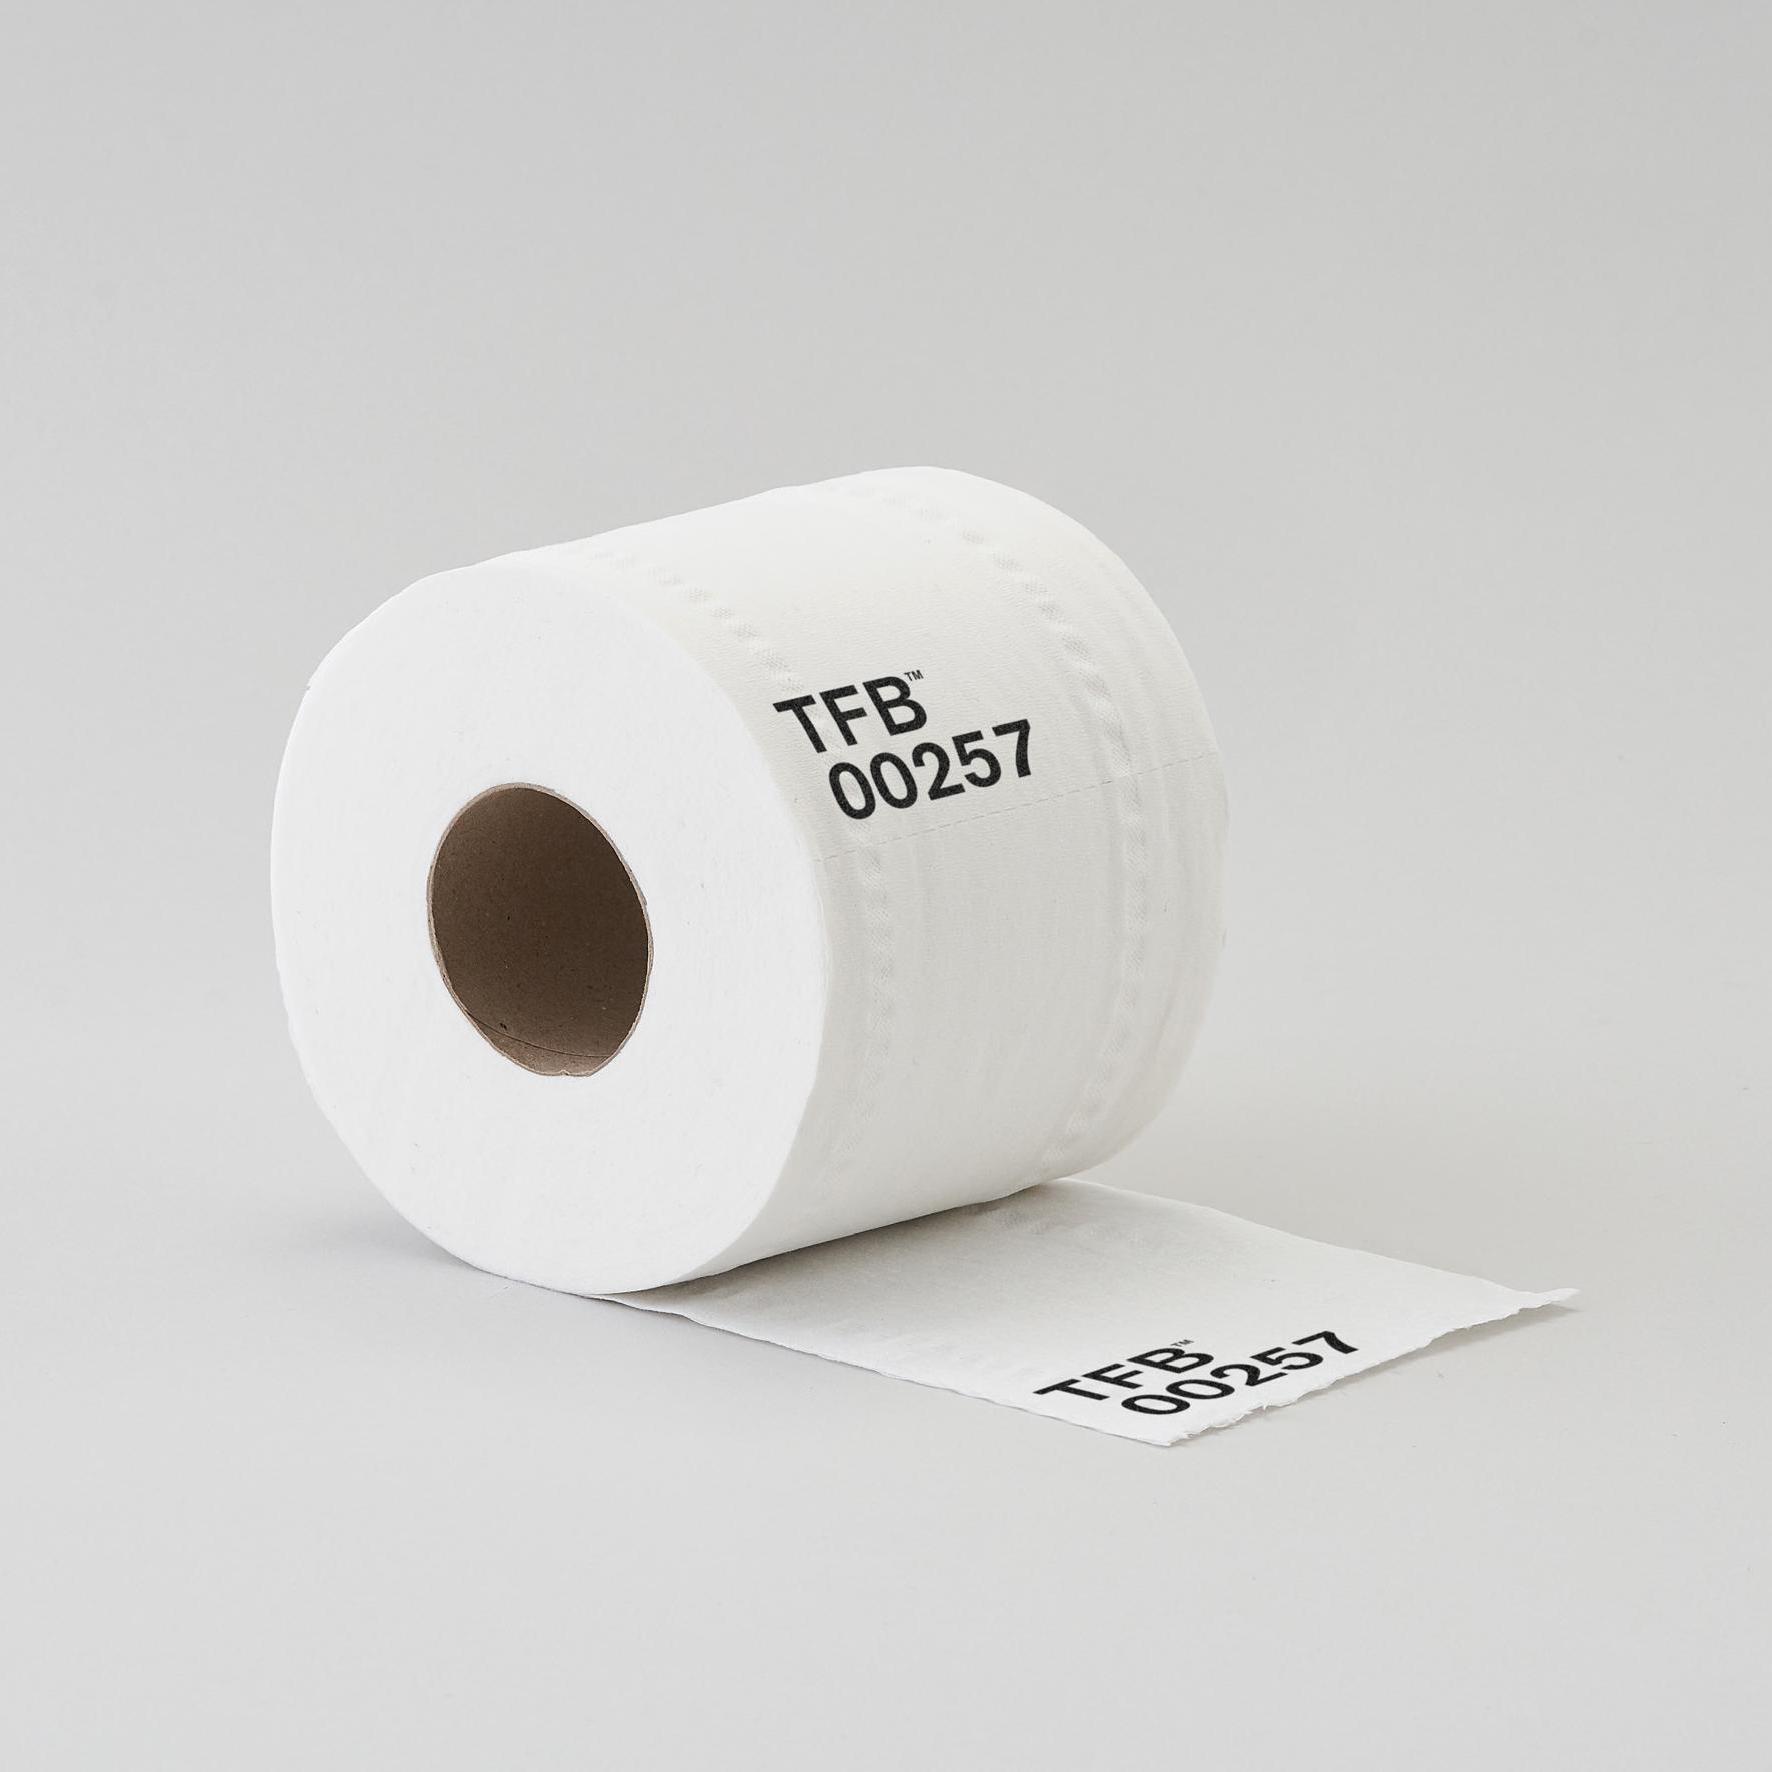 Buy Online Steven Wilson - TFB™ Toilet Roll